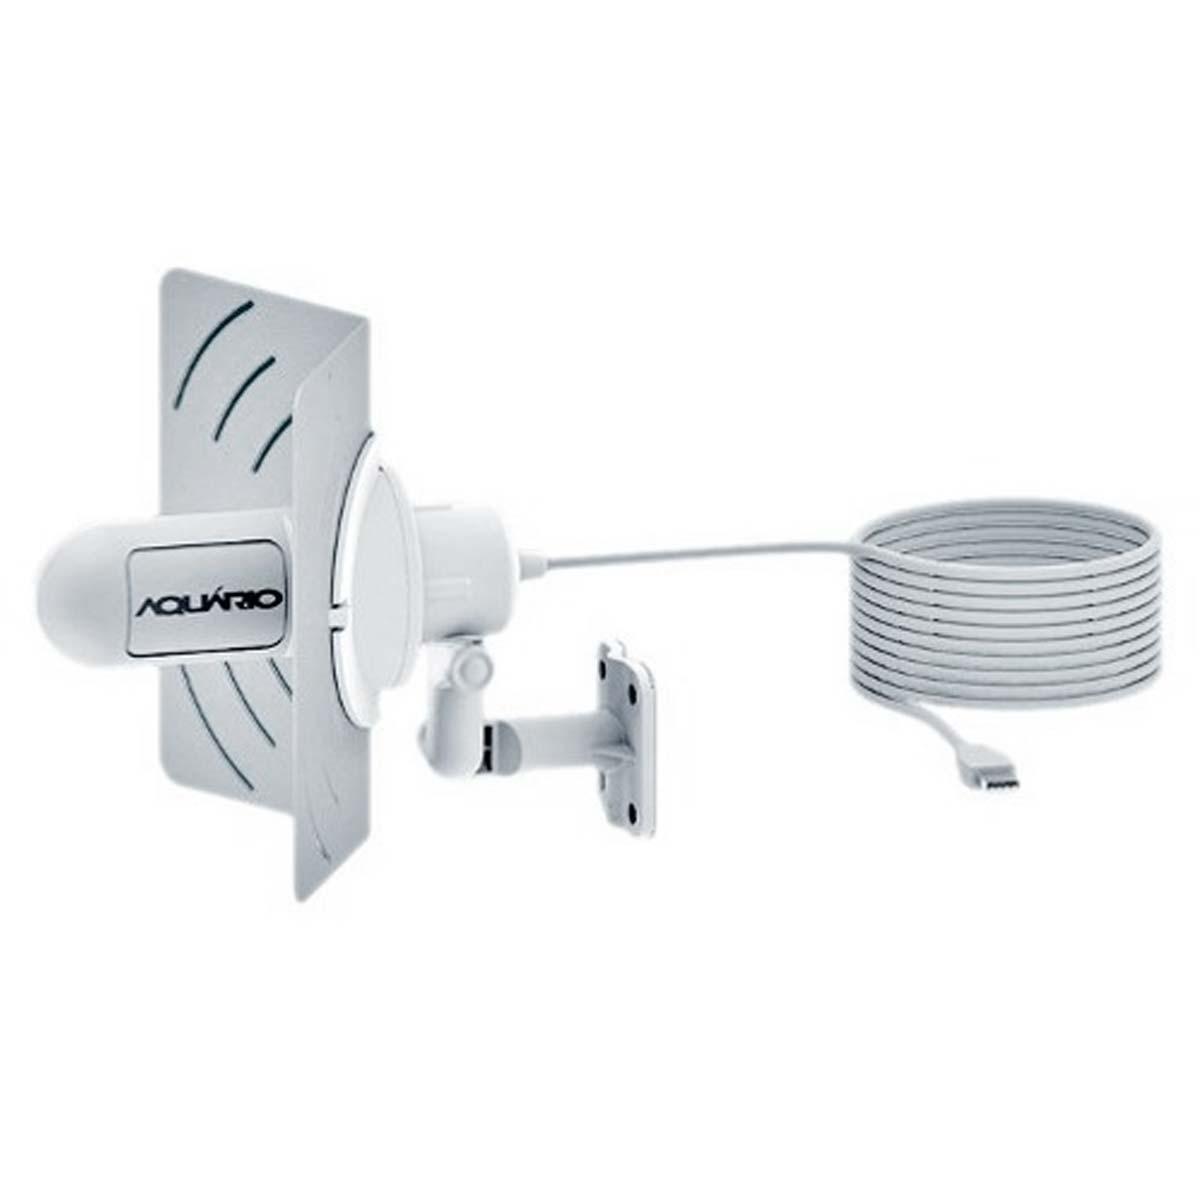 Amplificador de Sinal 3G/4G - MD 2000 Aquário